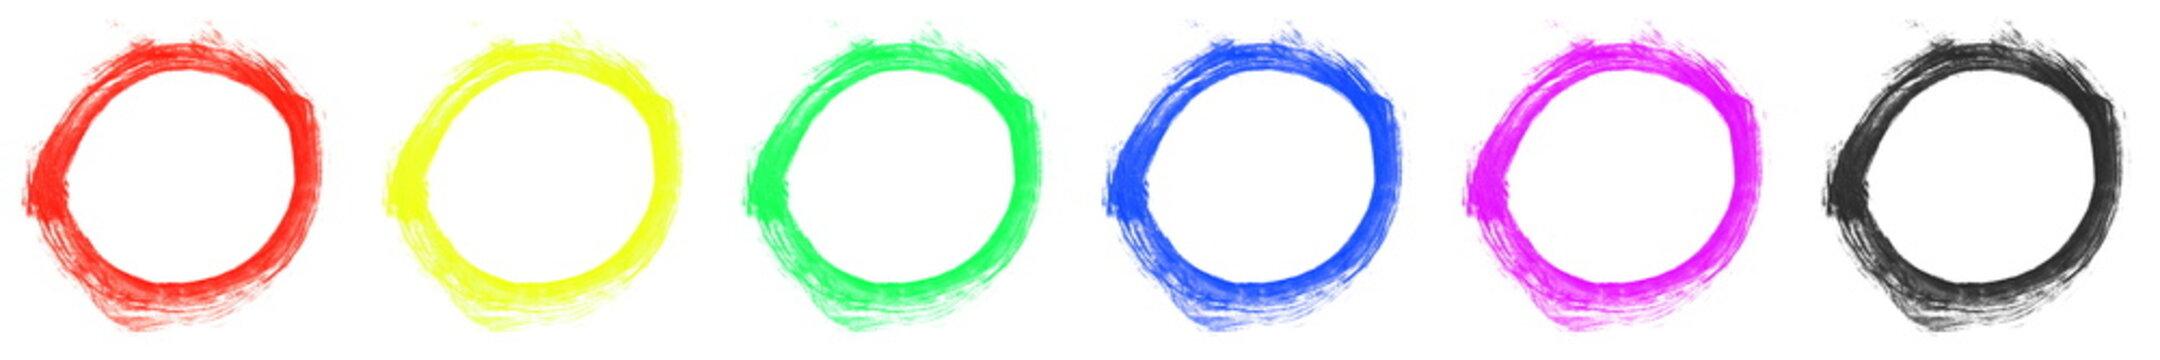 6x farbiger Pinsel Kreis gemalt mit einem Pinsel